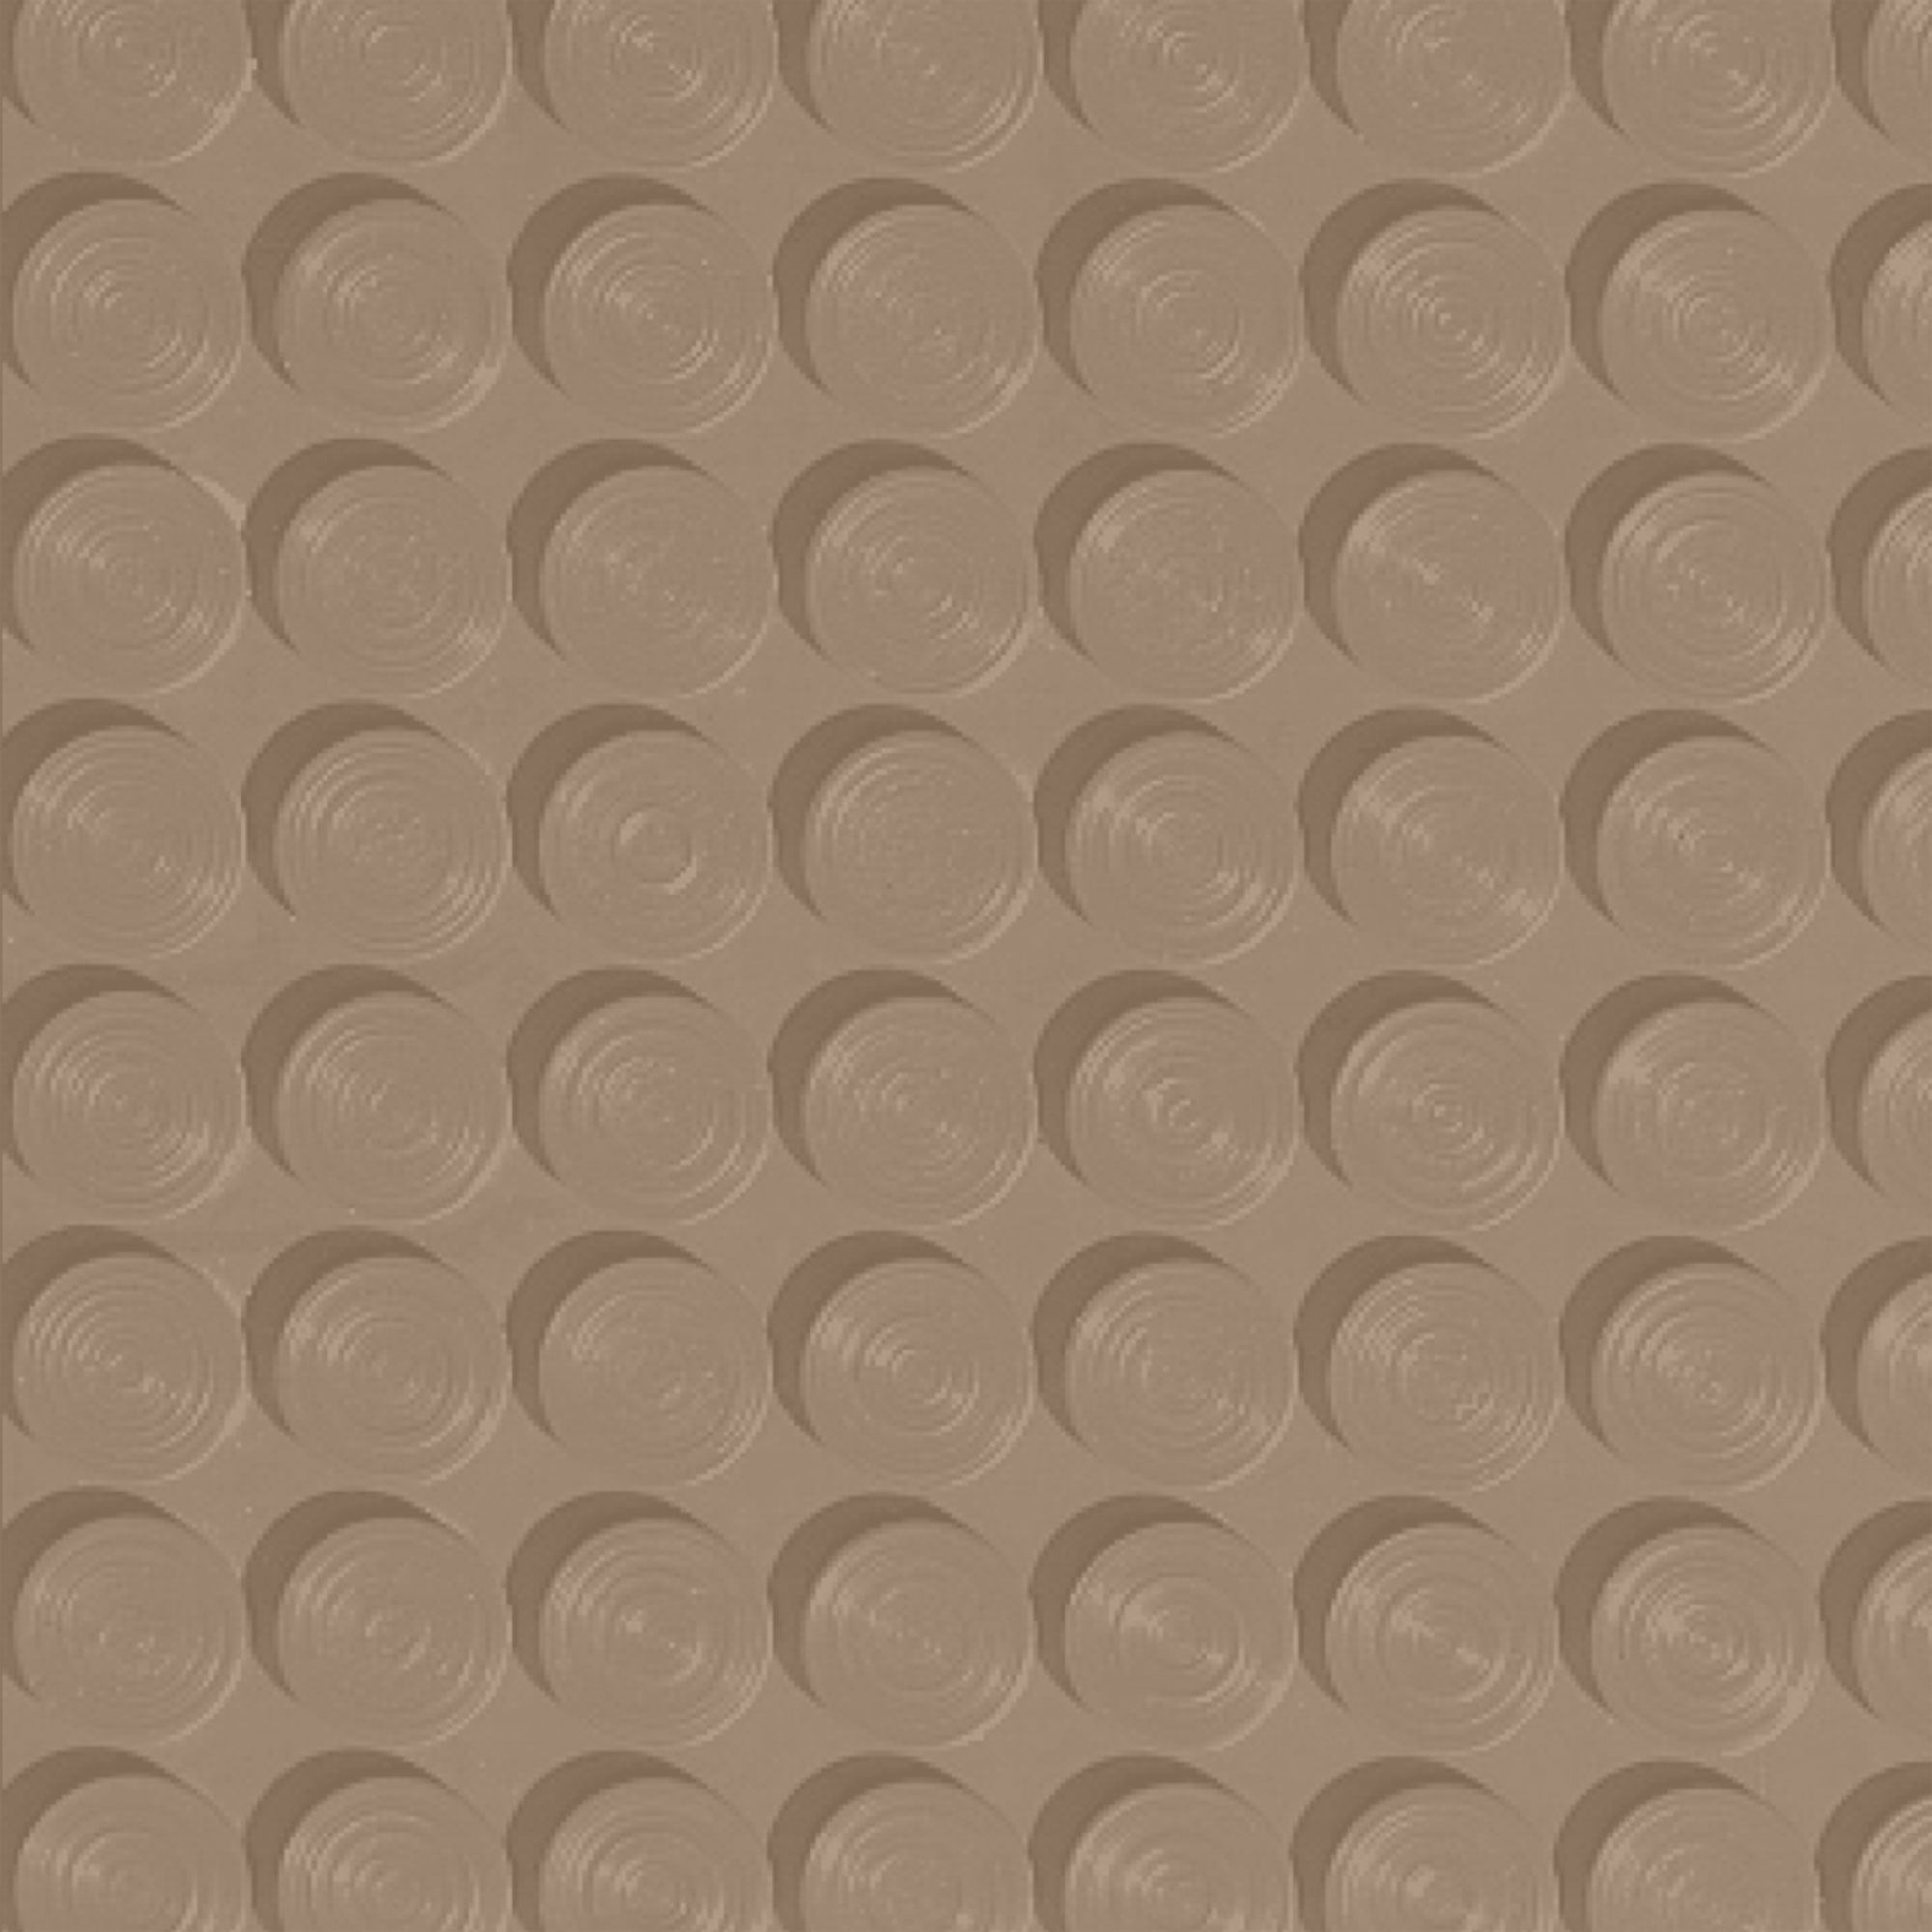 Roppe Rubber Tile 900 - Lug Back Vantage Design (LB996) Buckskin Rubber Flooring